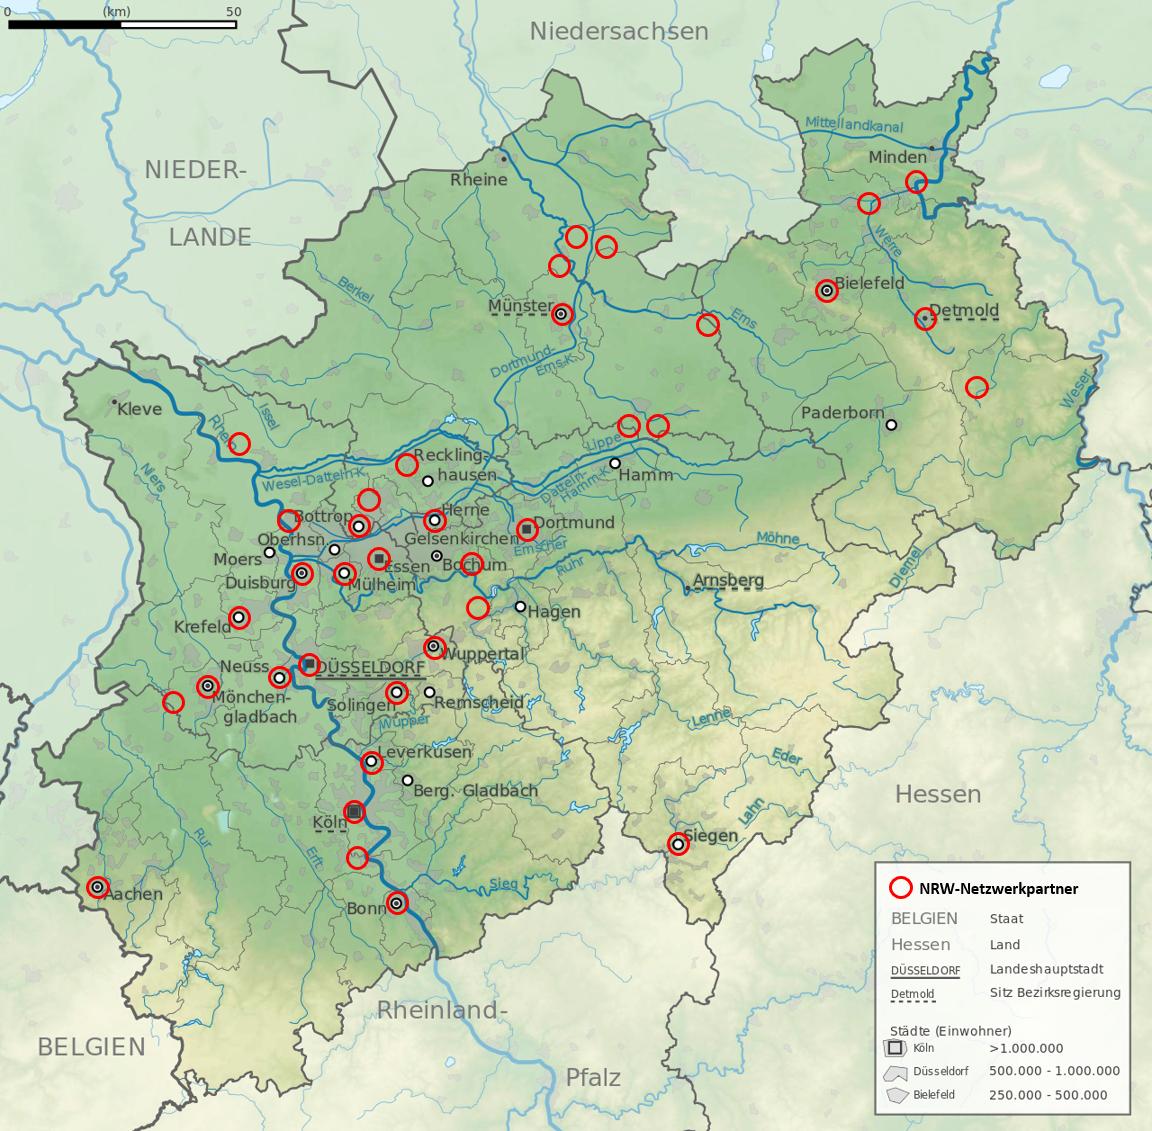 NRW-Karte 2019-2020